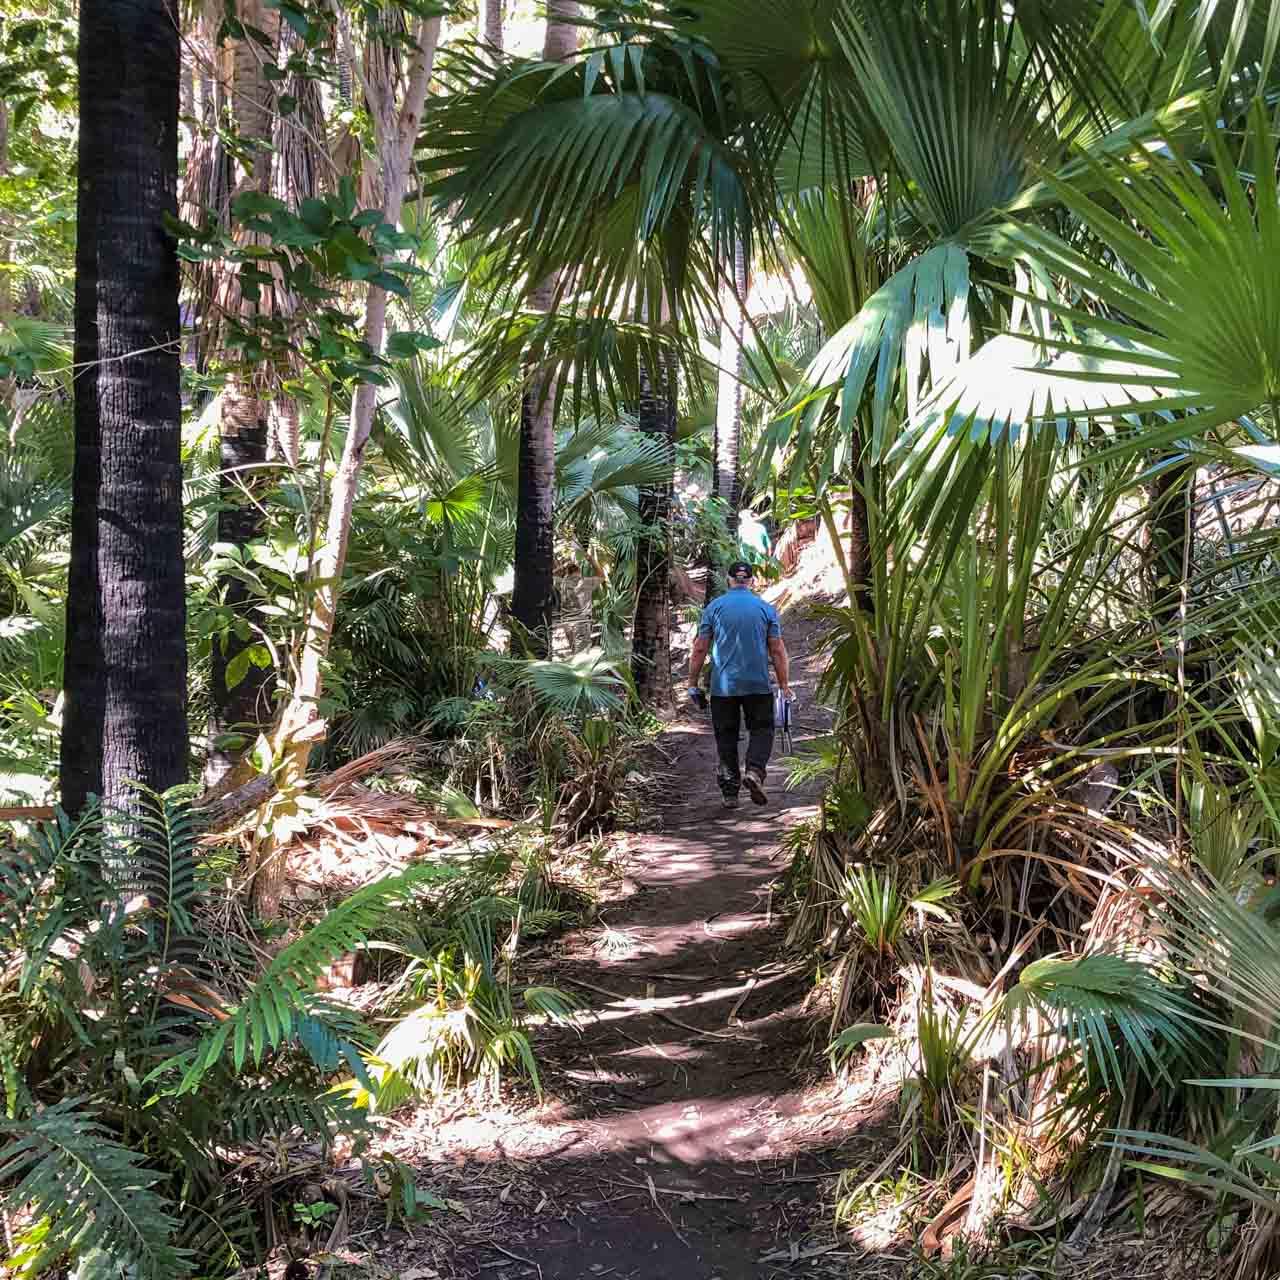 A man walking on a dirt path through palm trees